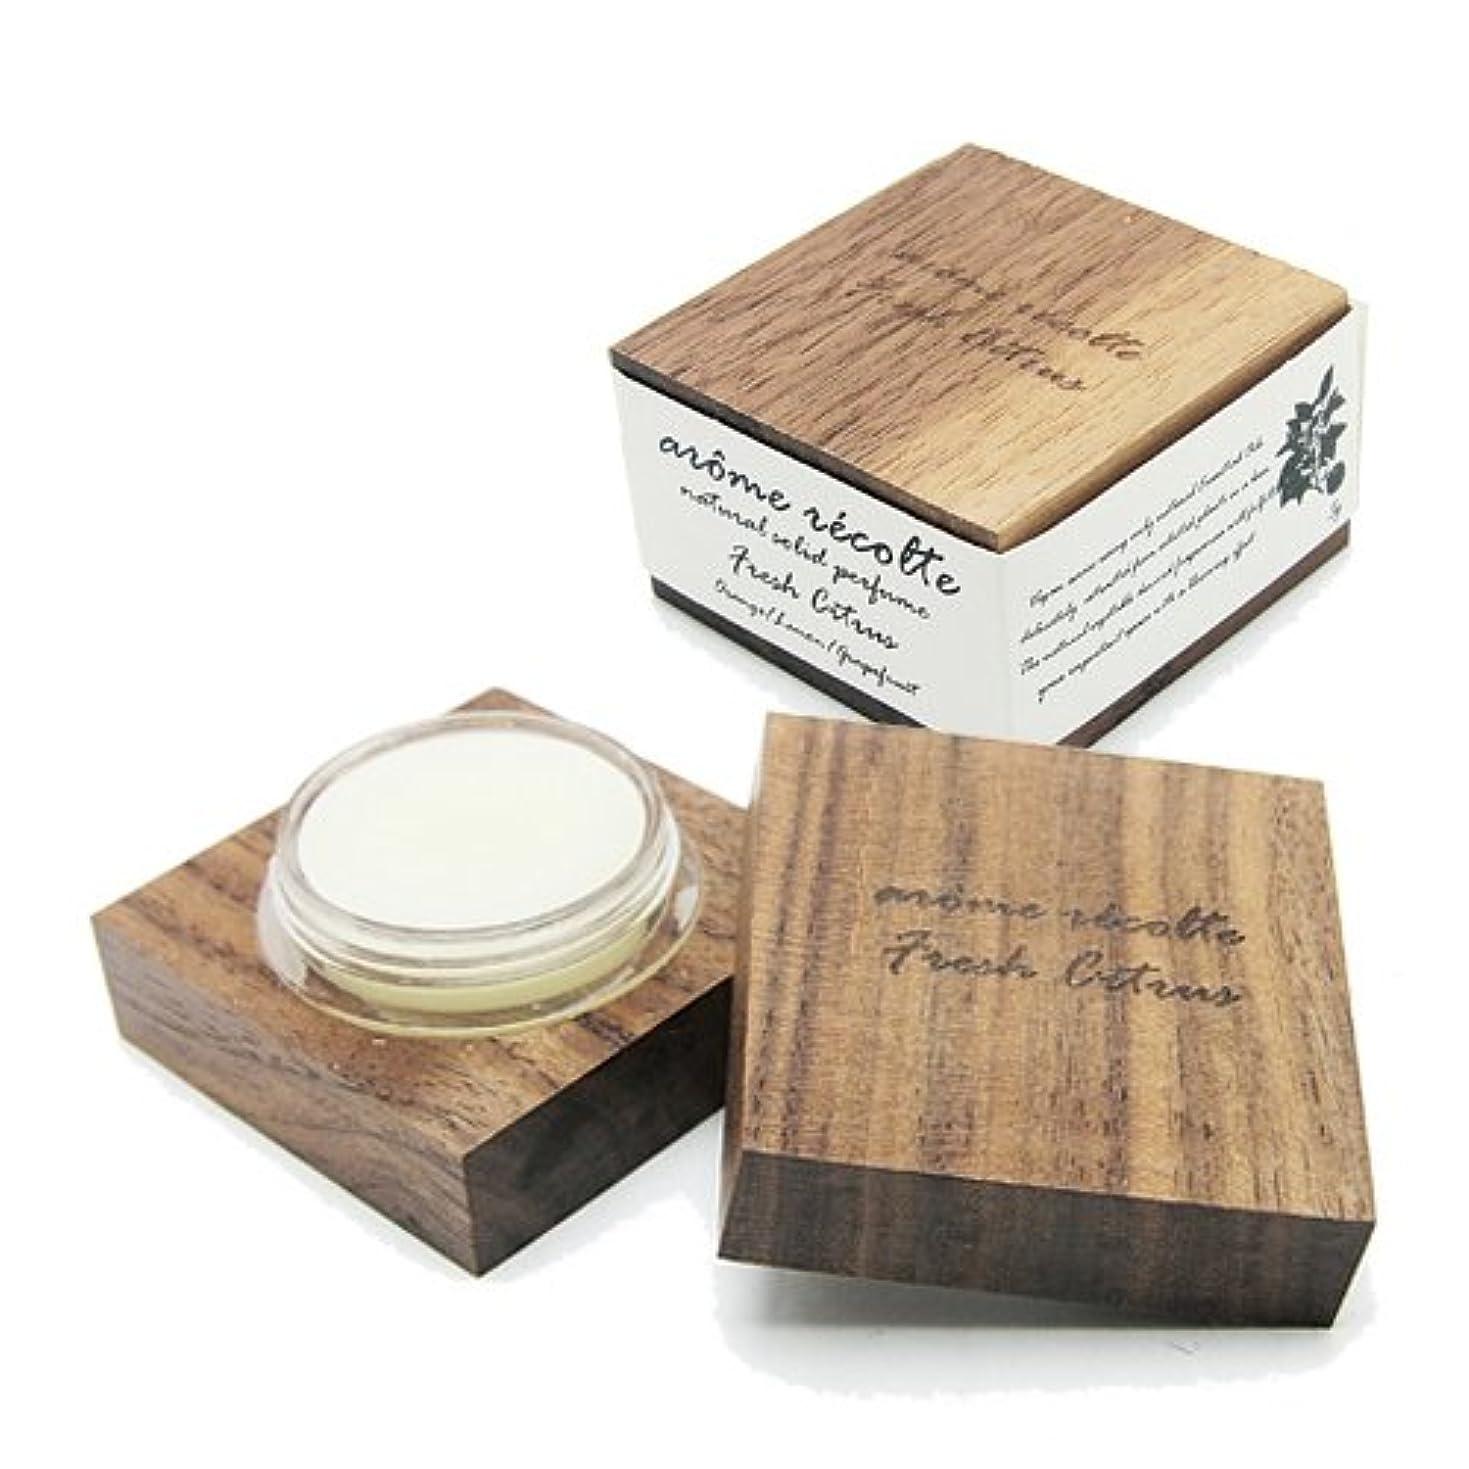 移住するヒョウ襟アロマレコルト ナチュラル ソリッドパフューム フレッシュシトラス Fresh Citurs arome recolte 練り香水